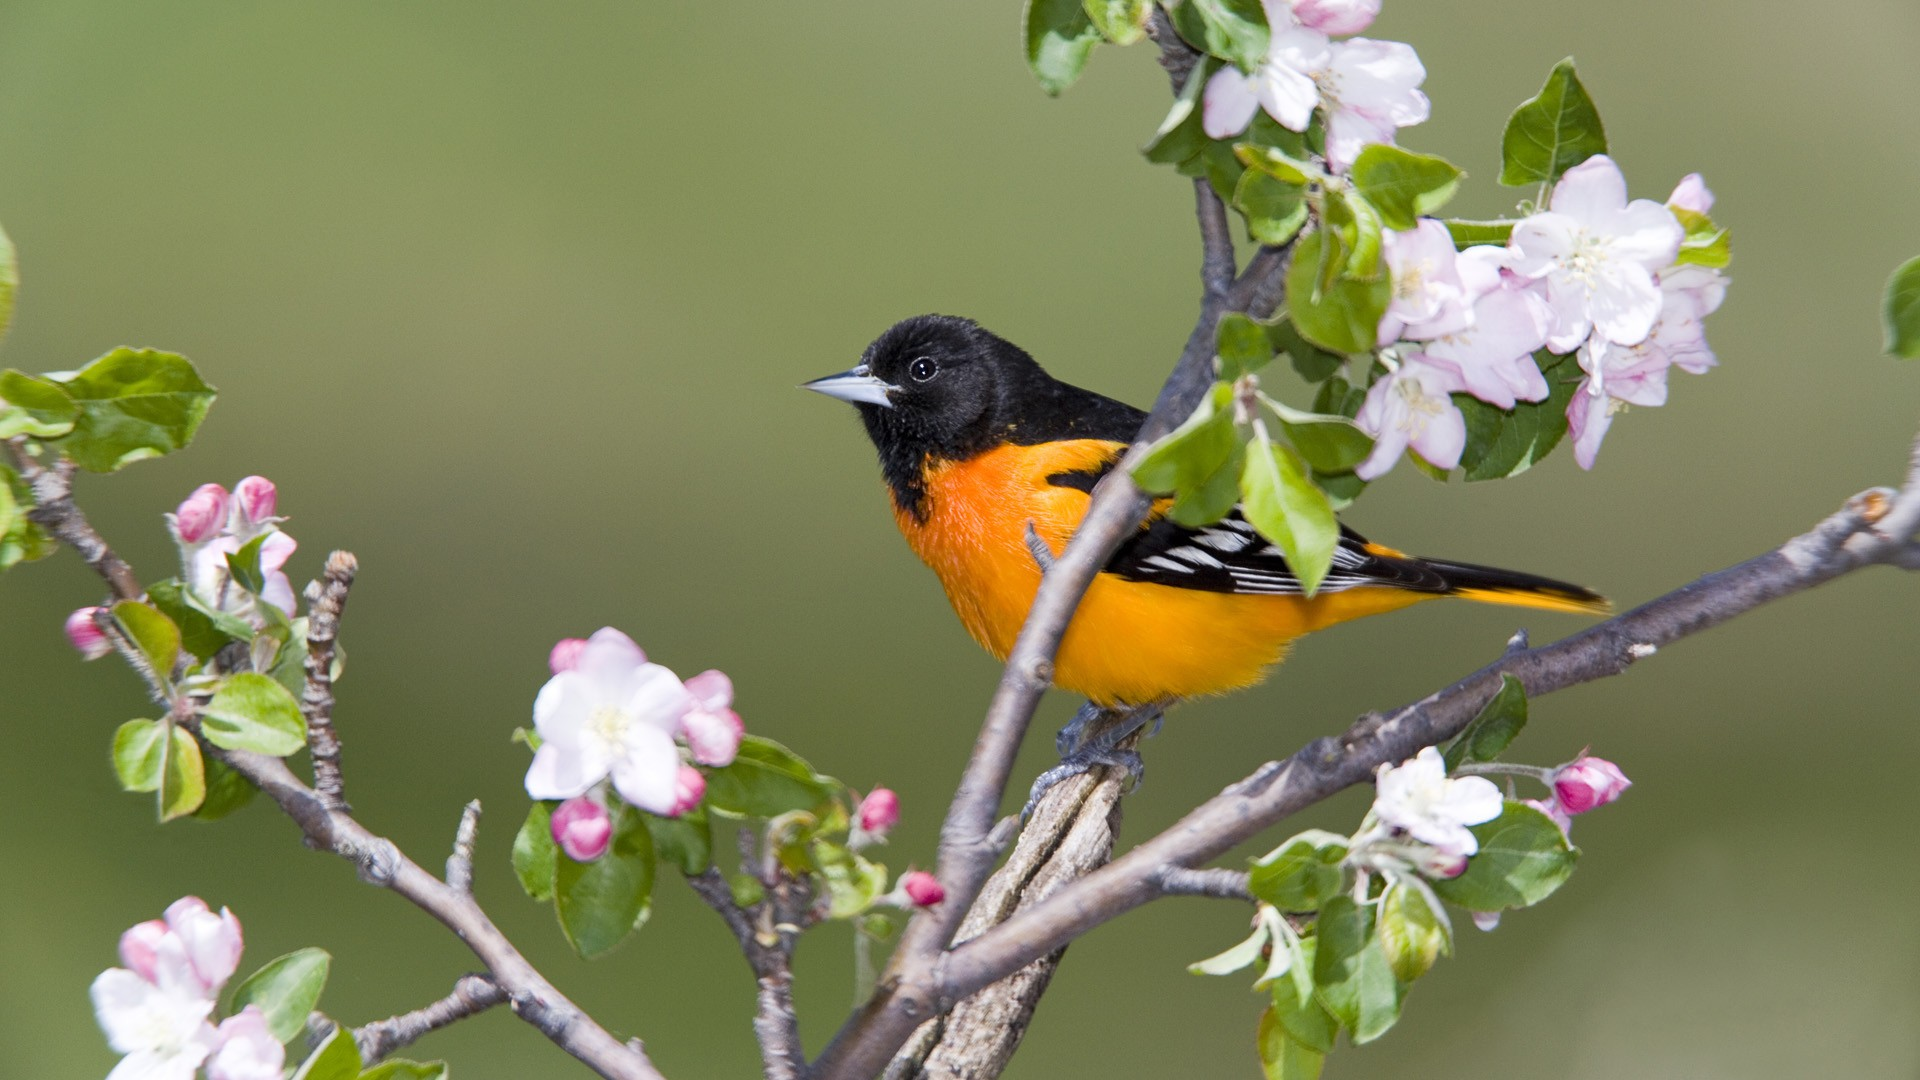 Iphone Spring Birds Wallpaper Total Update